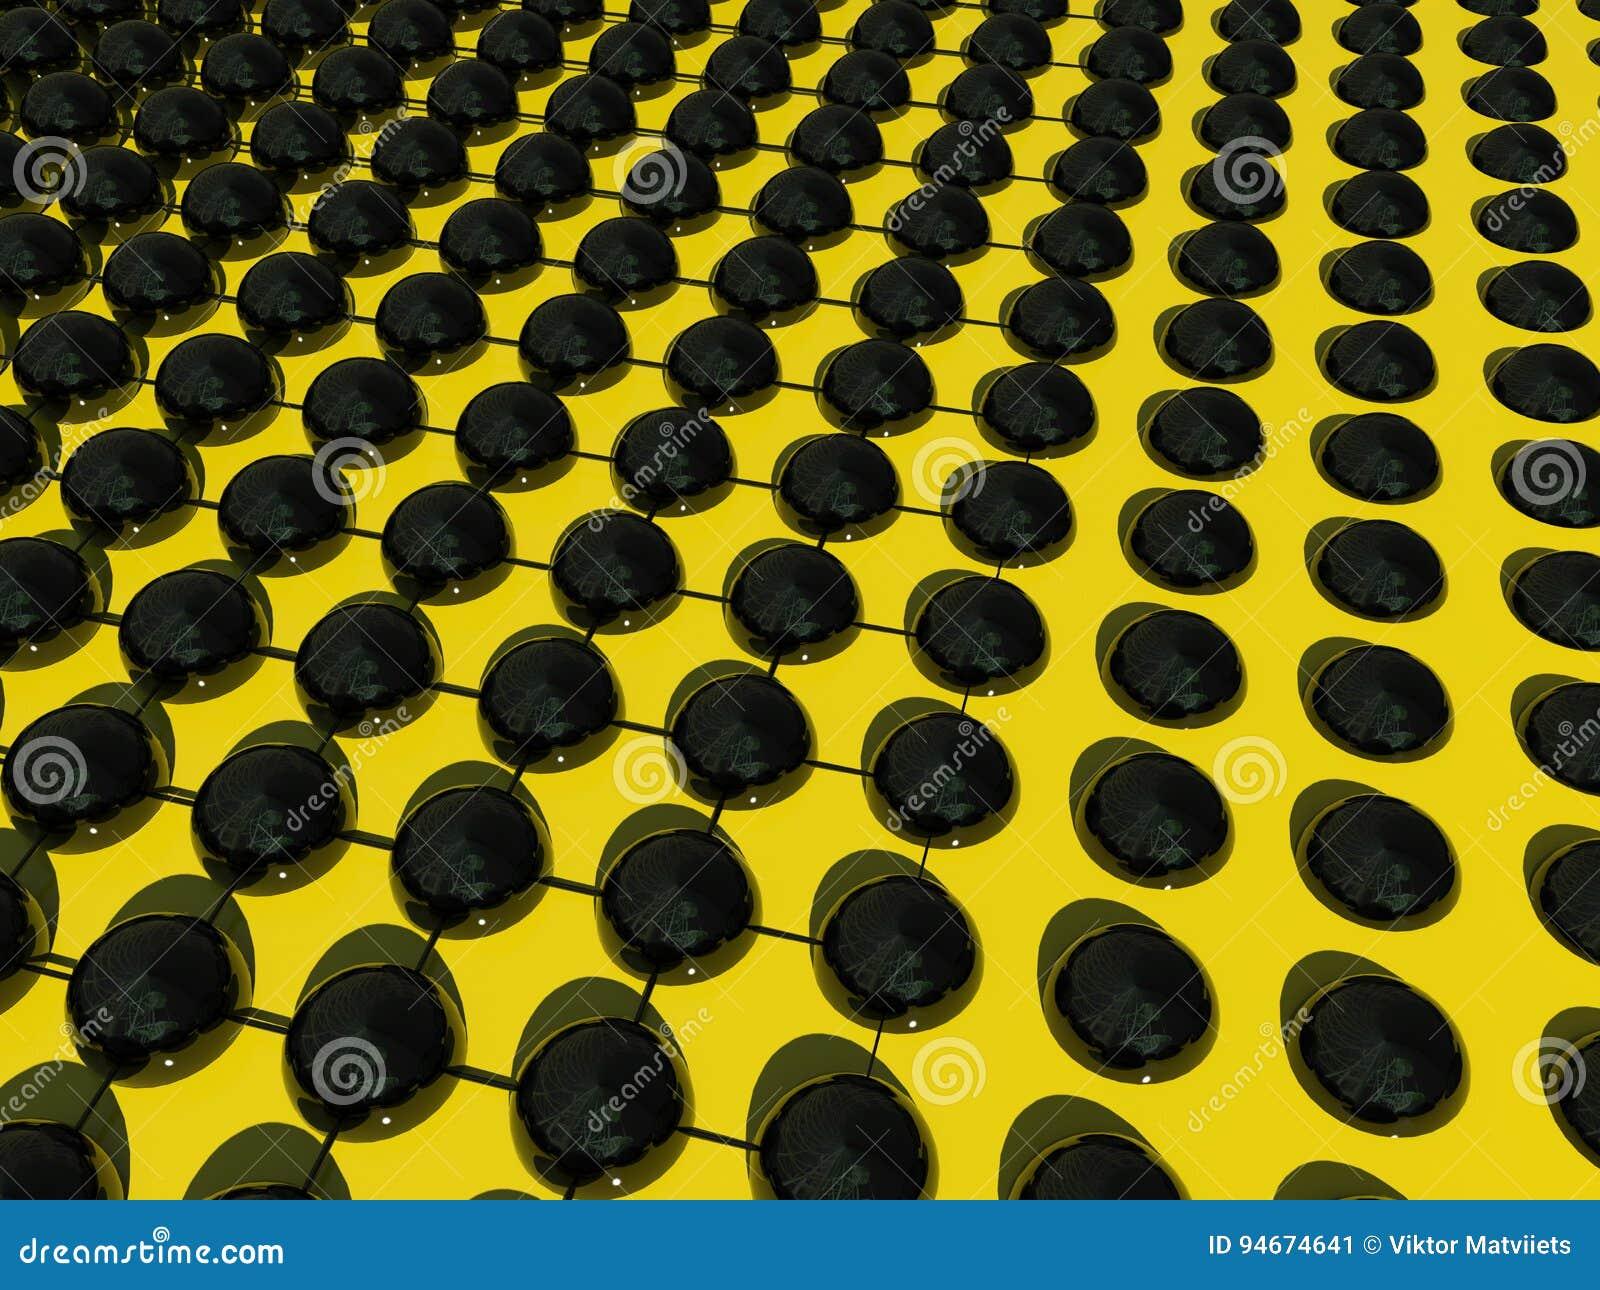 Abstrakcjonistyczne piłki i siatka dla tapety lub tła